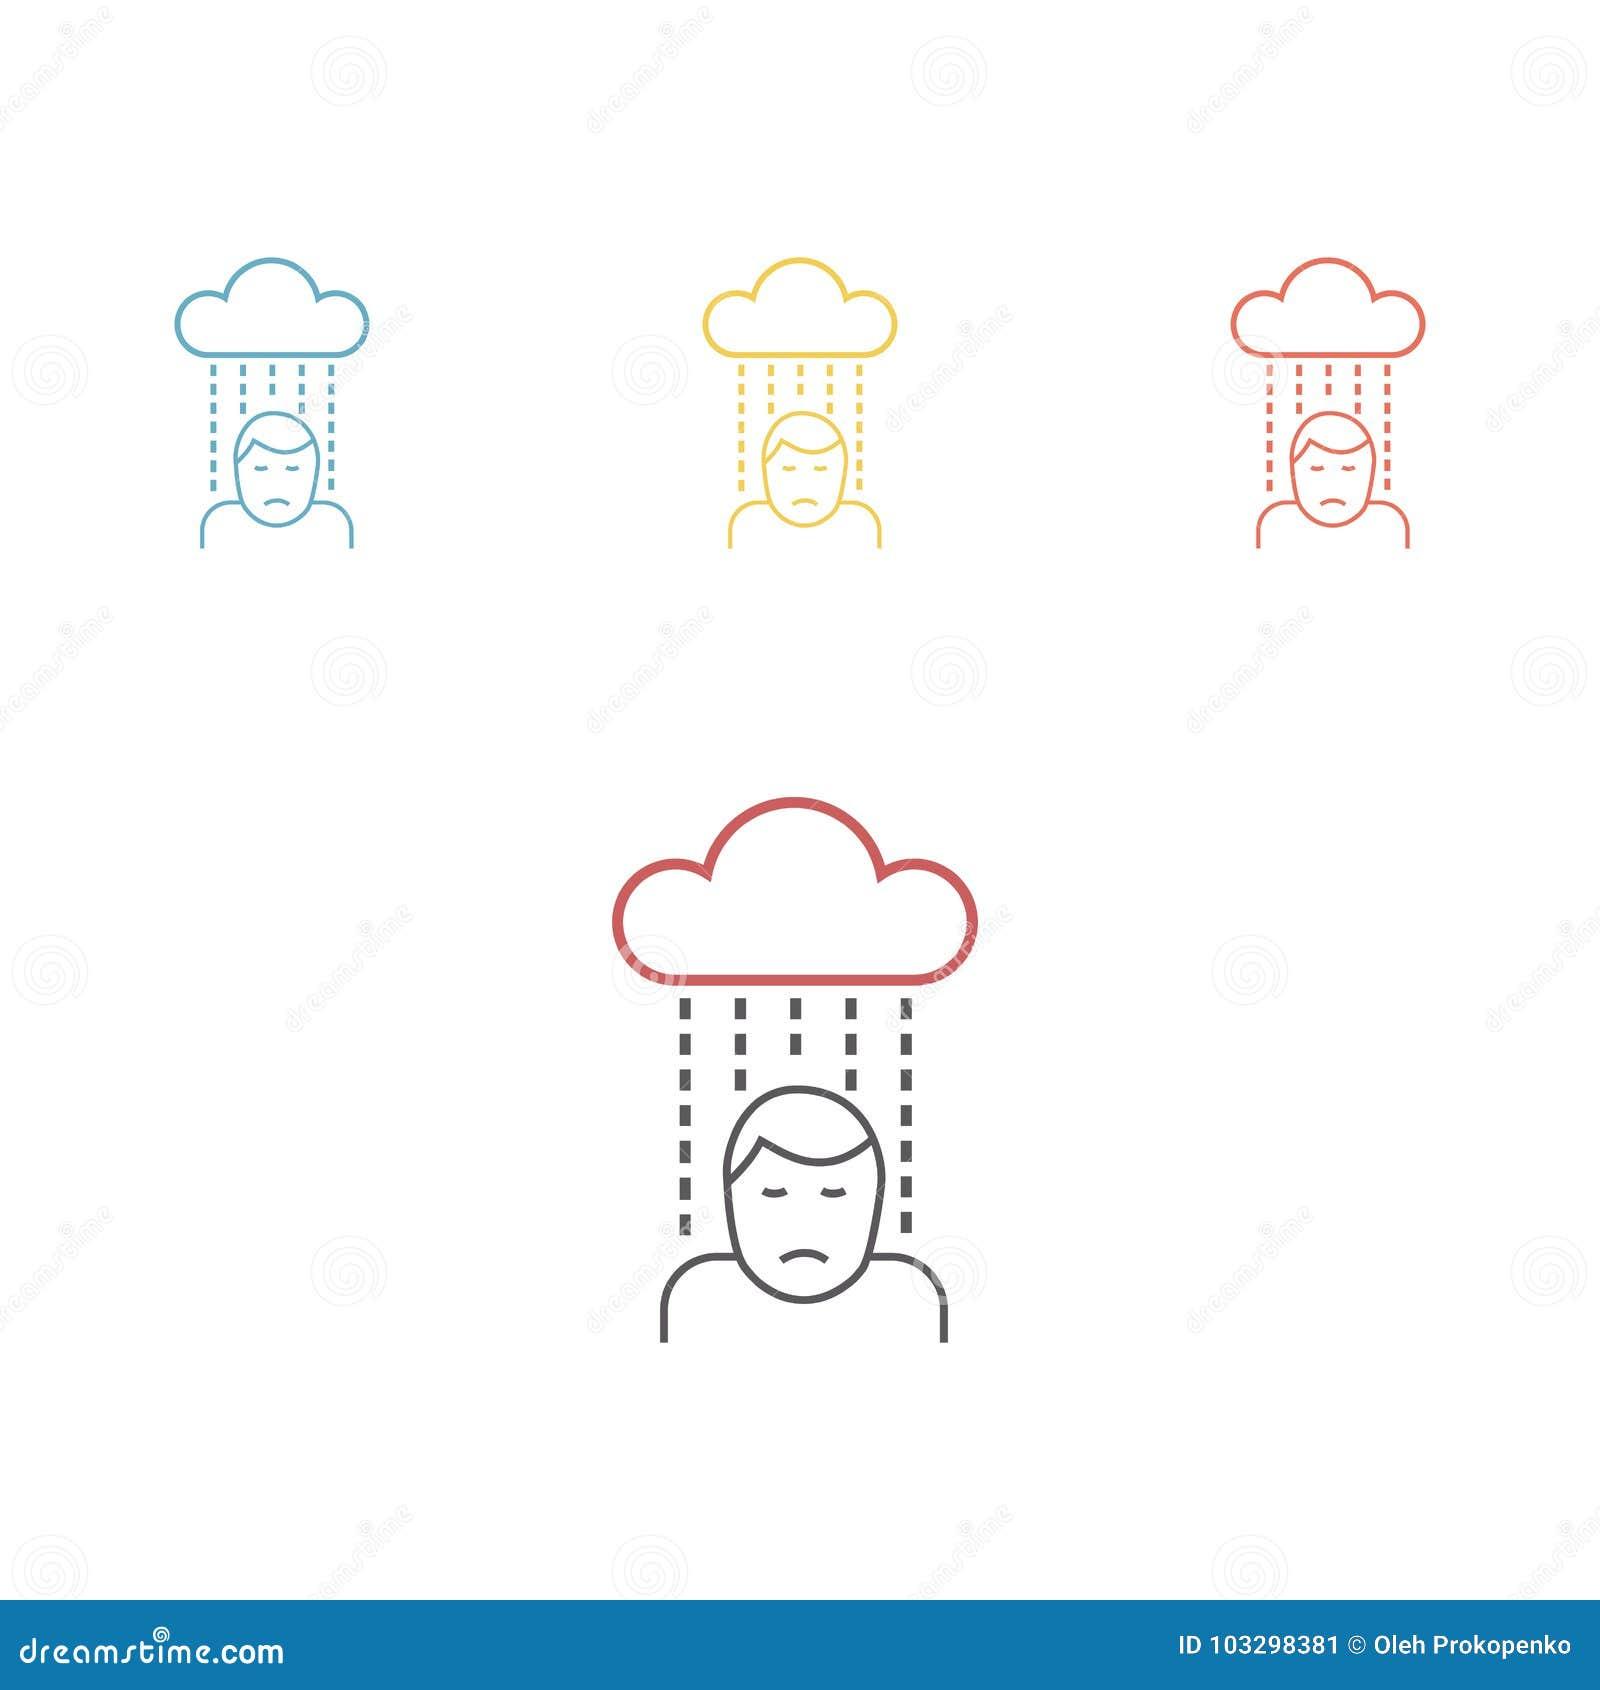 Pessoa Triste Deprimida Linha Icone Ilustracao Lisa Dos Desenhos